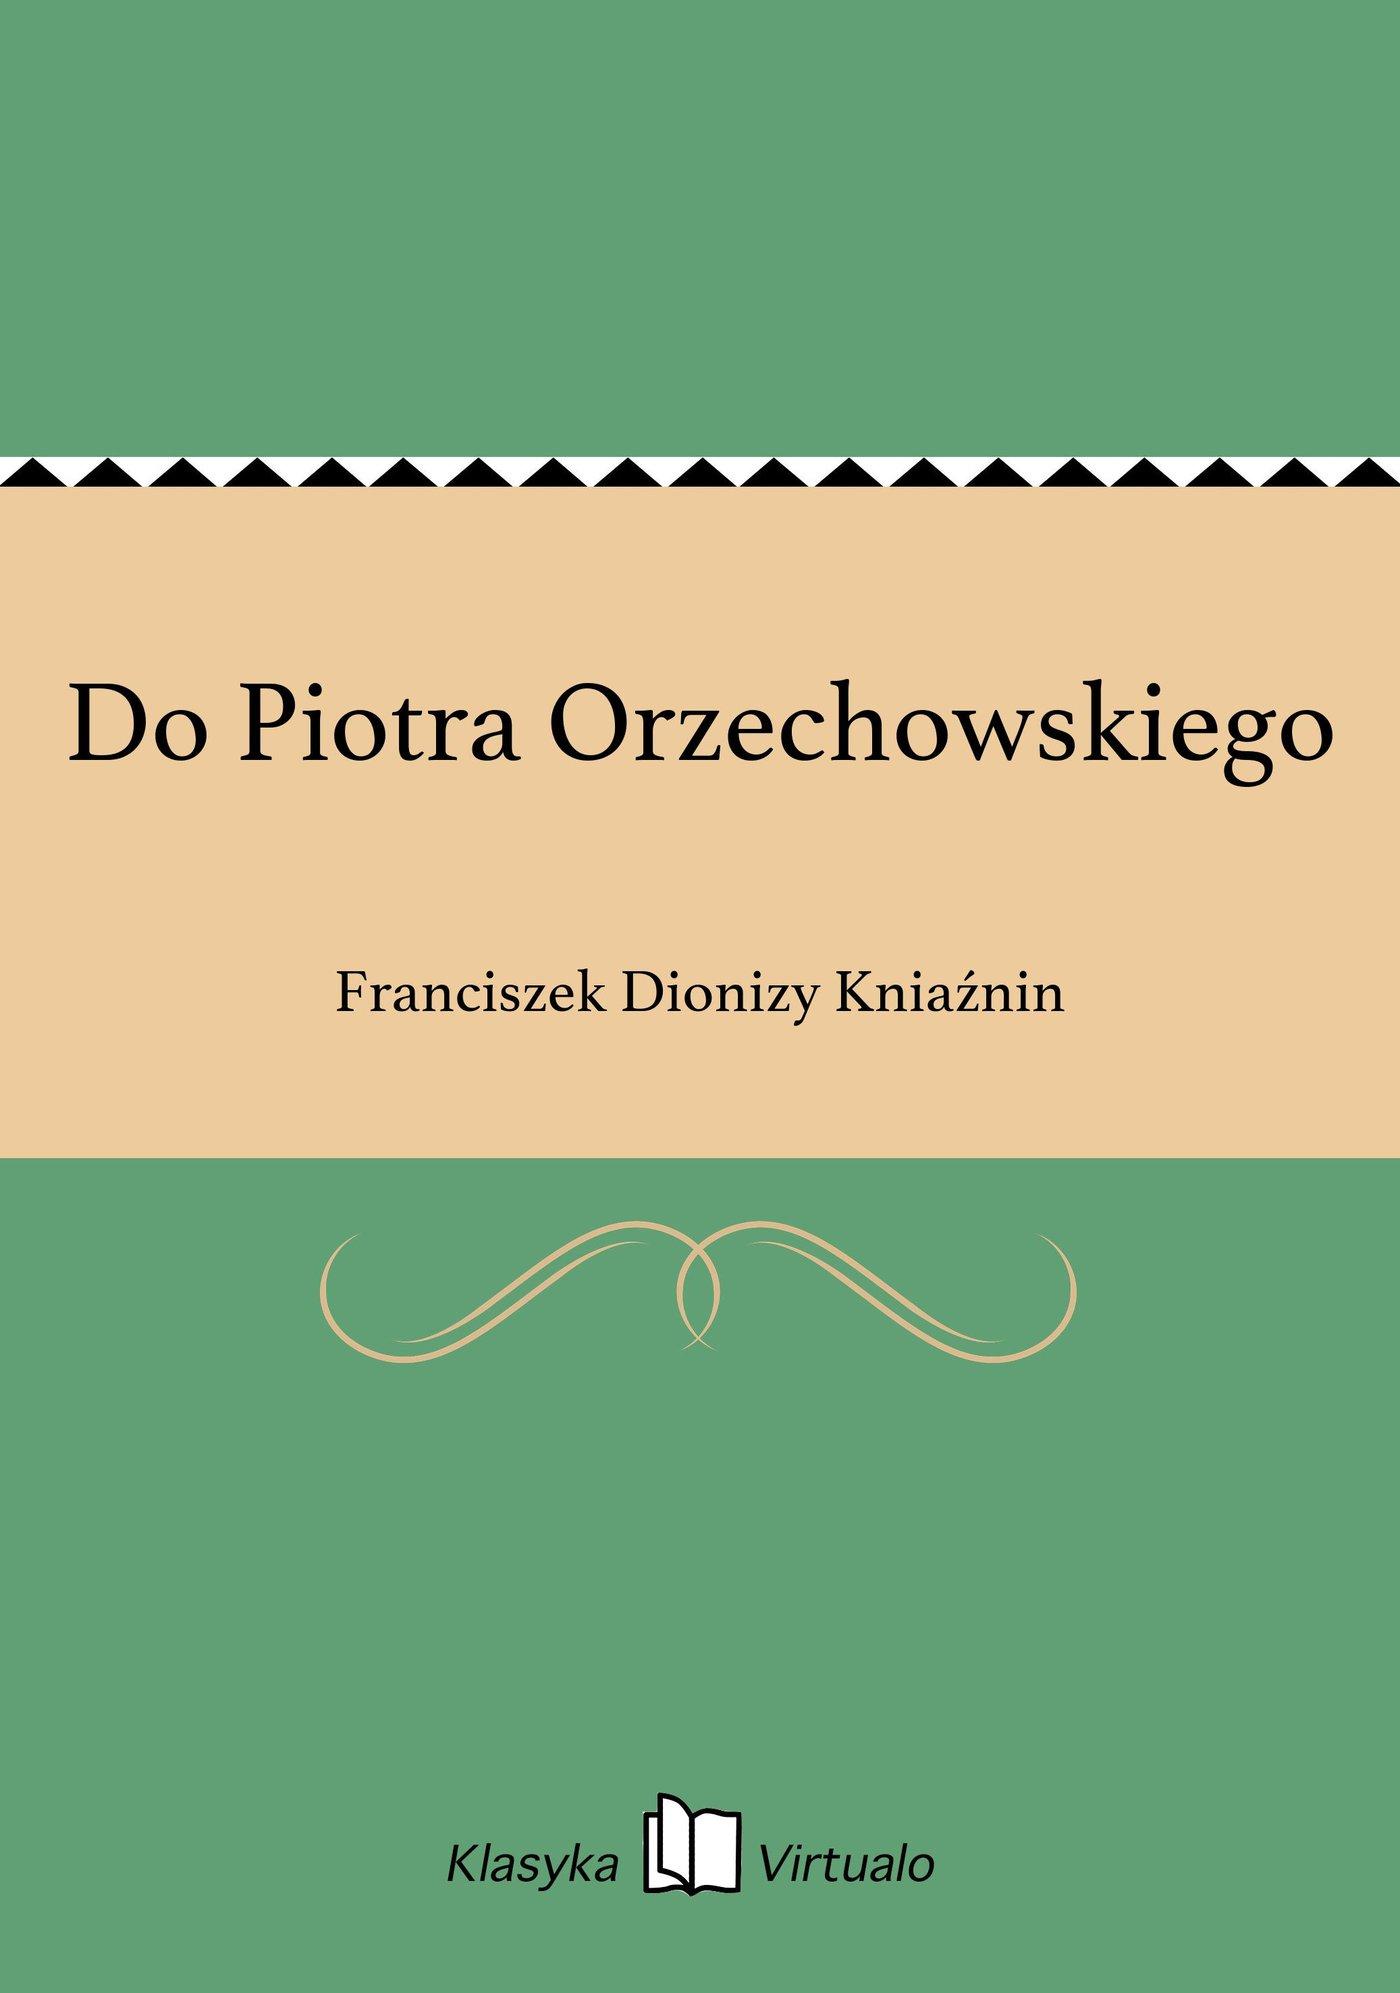 Do Piotra Orzechowskiego - Ebook (Książka EPUB) do pobrania w formacie EPUB